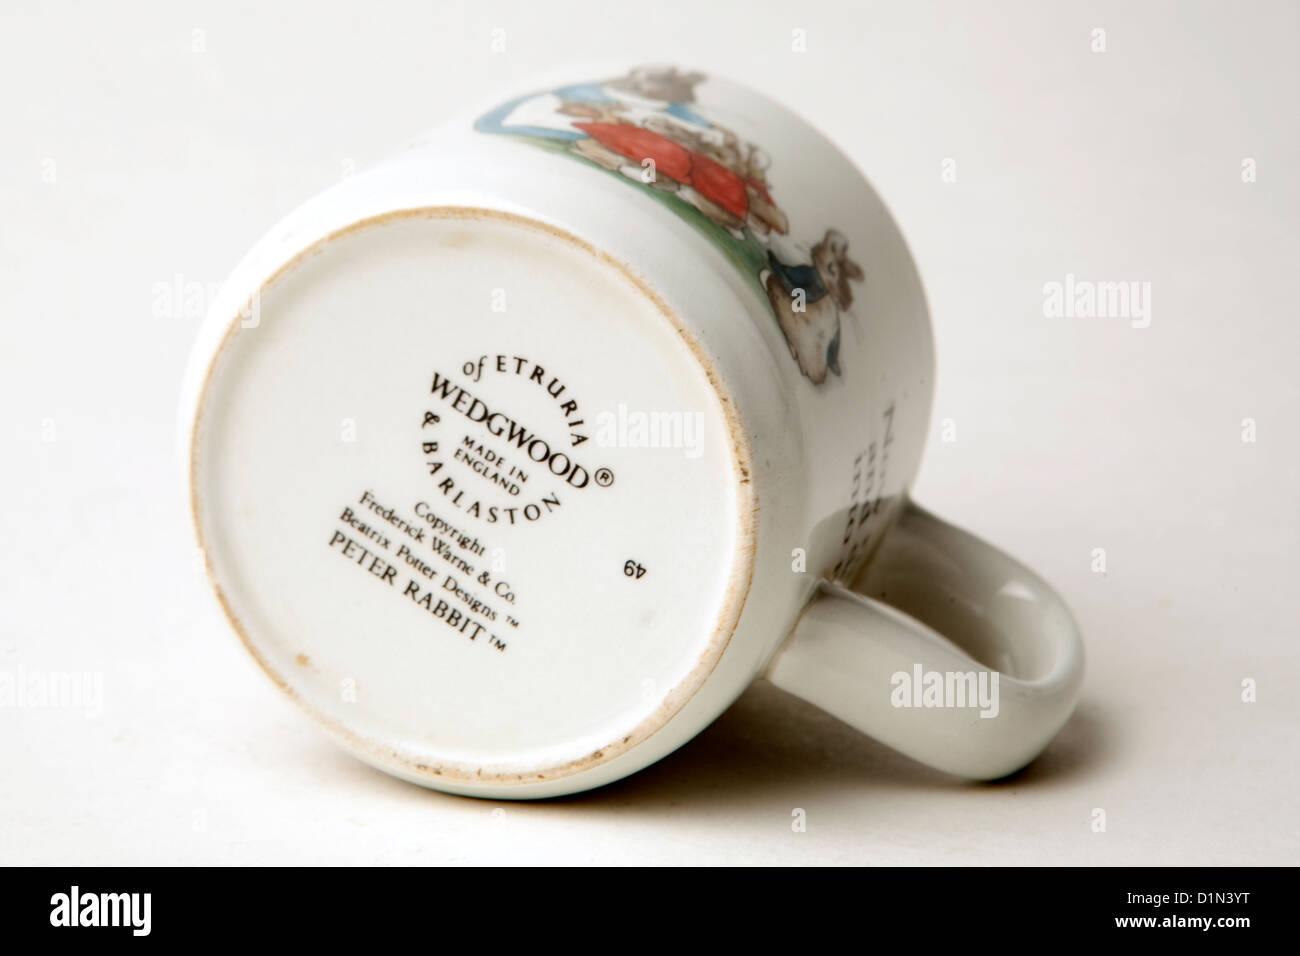 wedgwood pottery marks